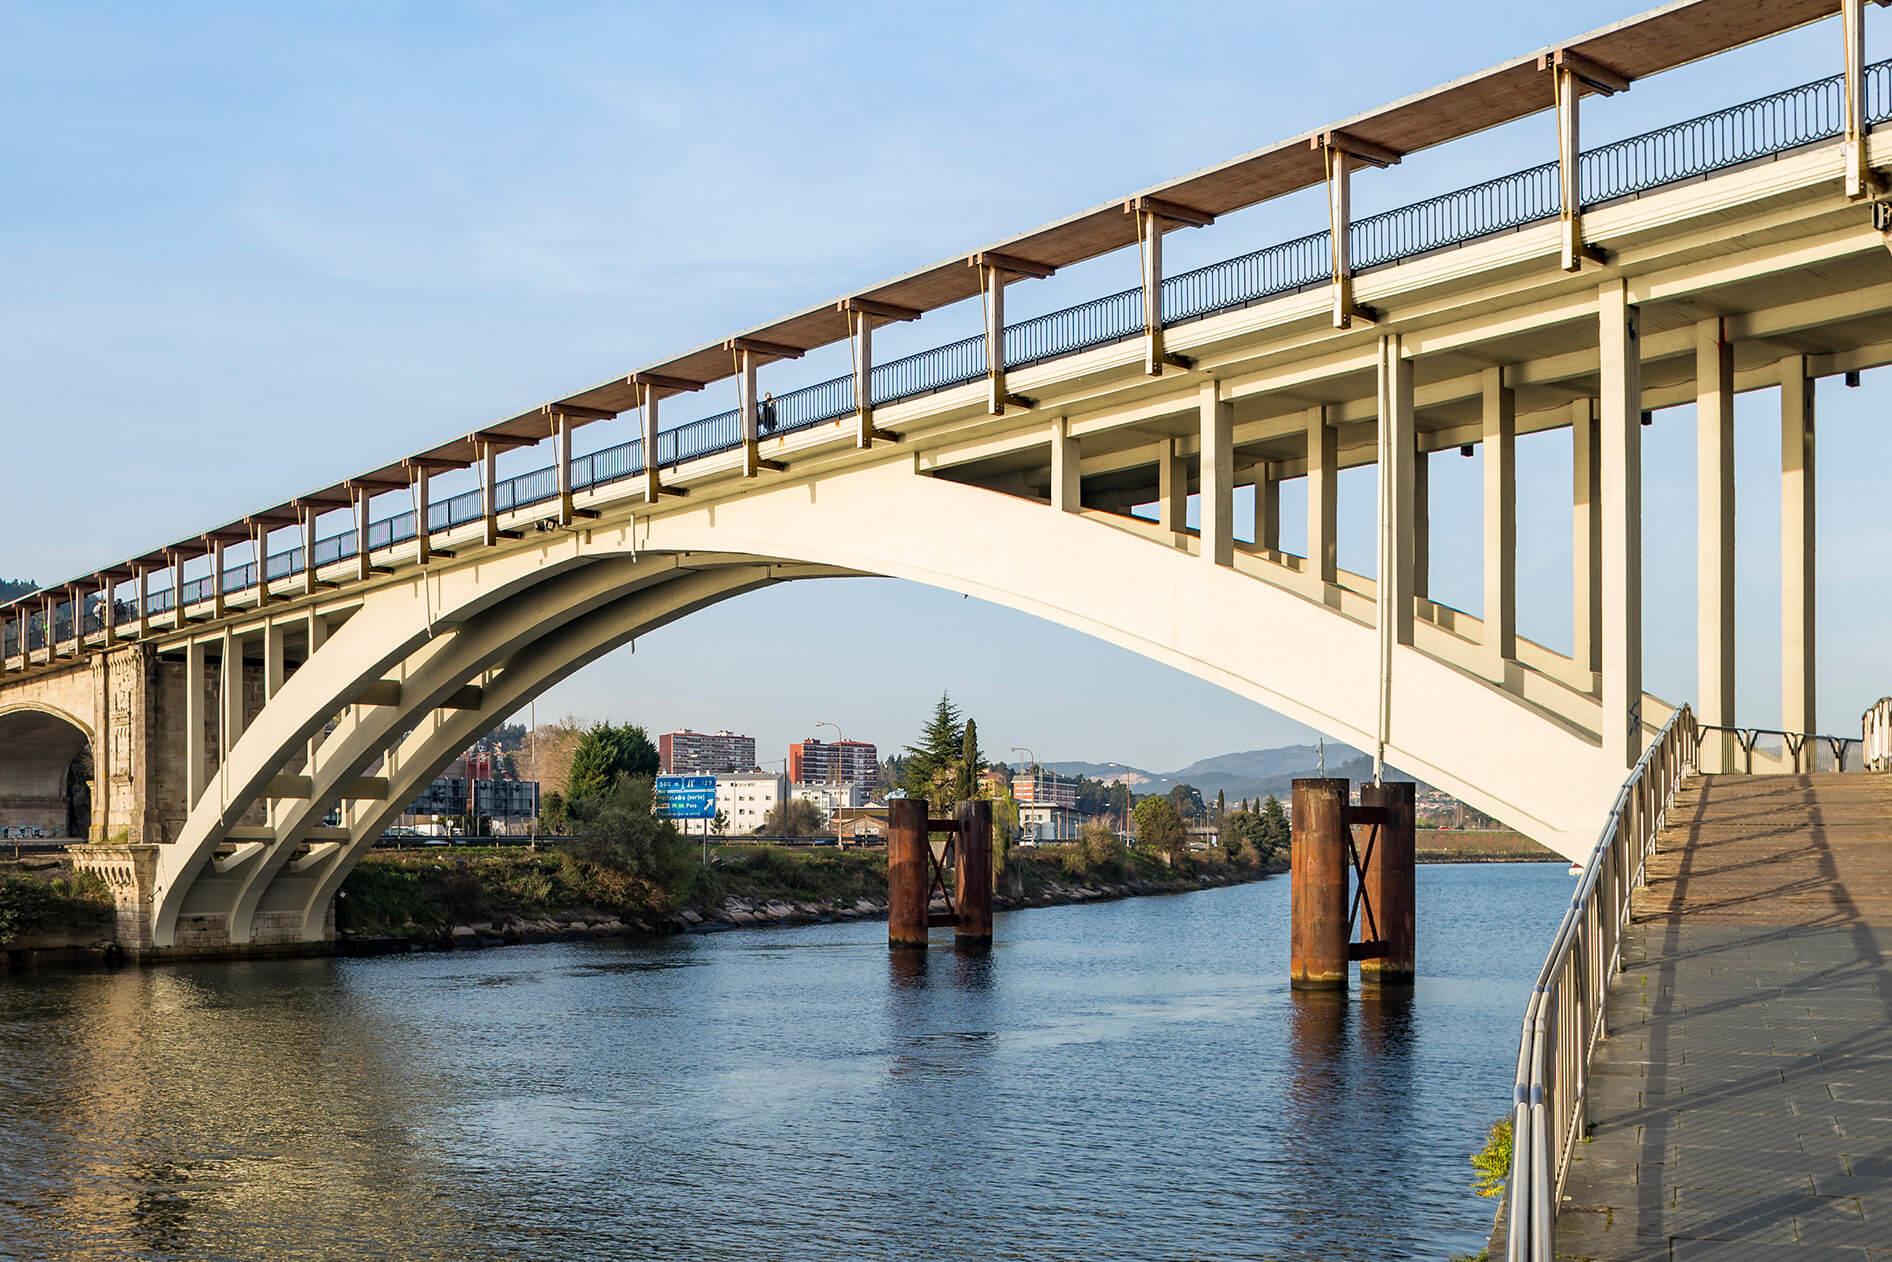 Puente Barca Puentes